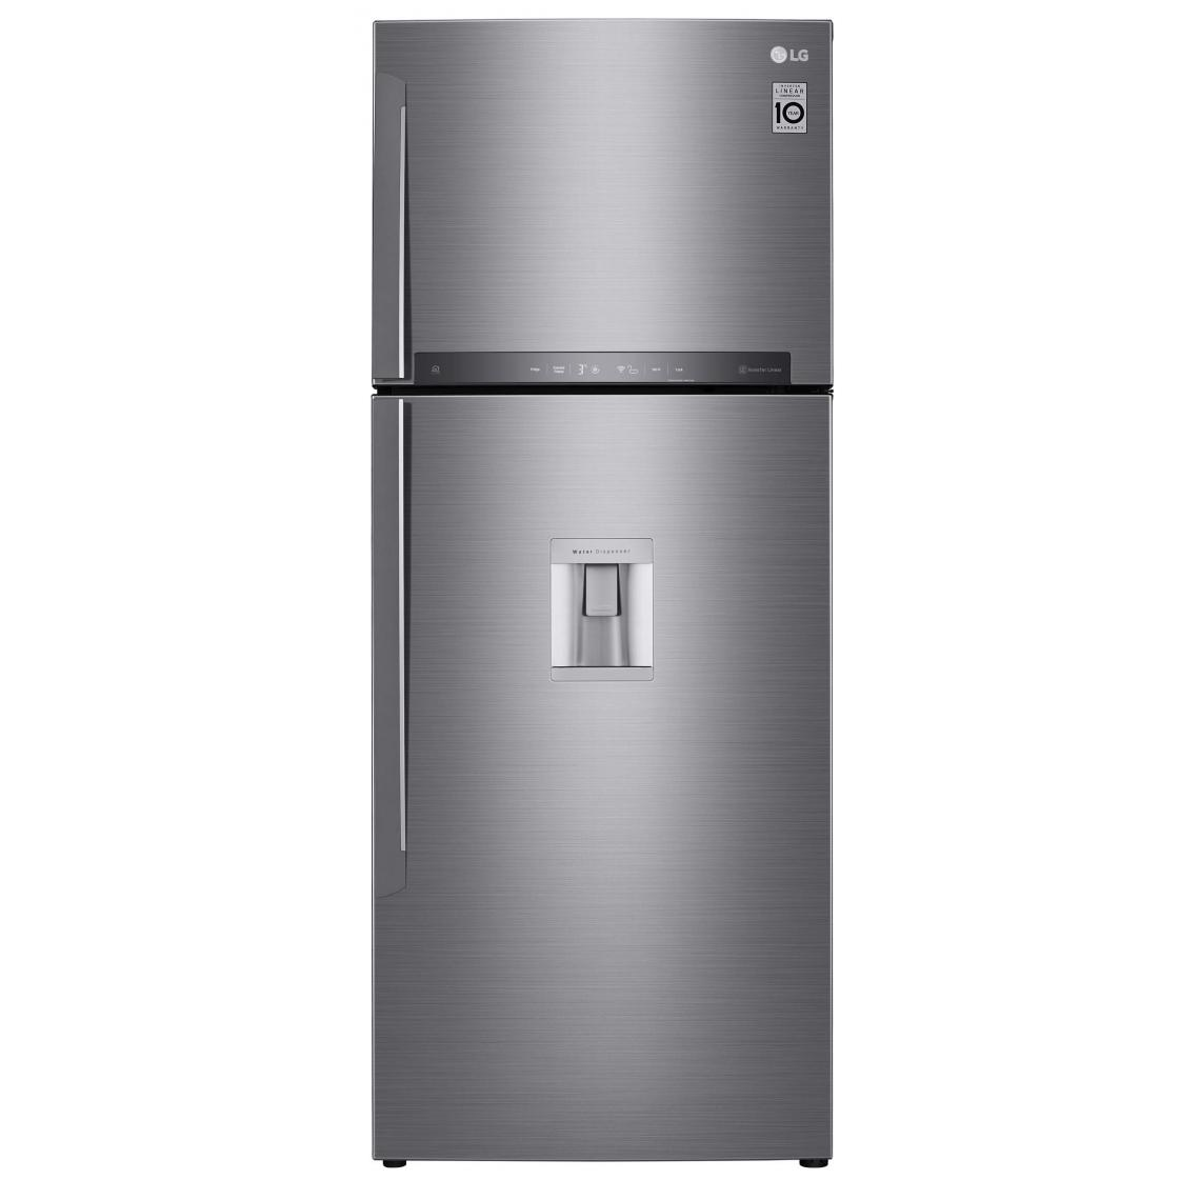 LG Lg Gtf7043ps - Refrigerateur Congelateur Haut - 438l 321+117 - Froid Ventile A++ - L70m X H178cm - Inox